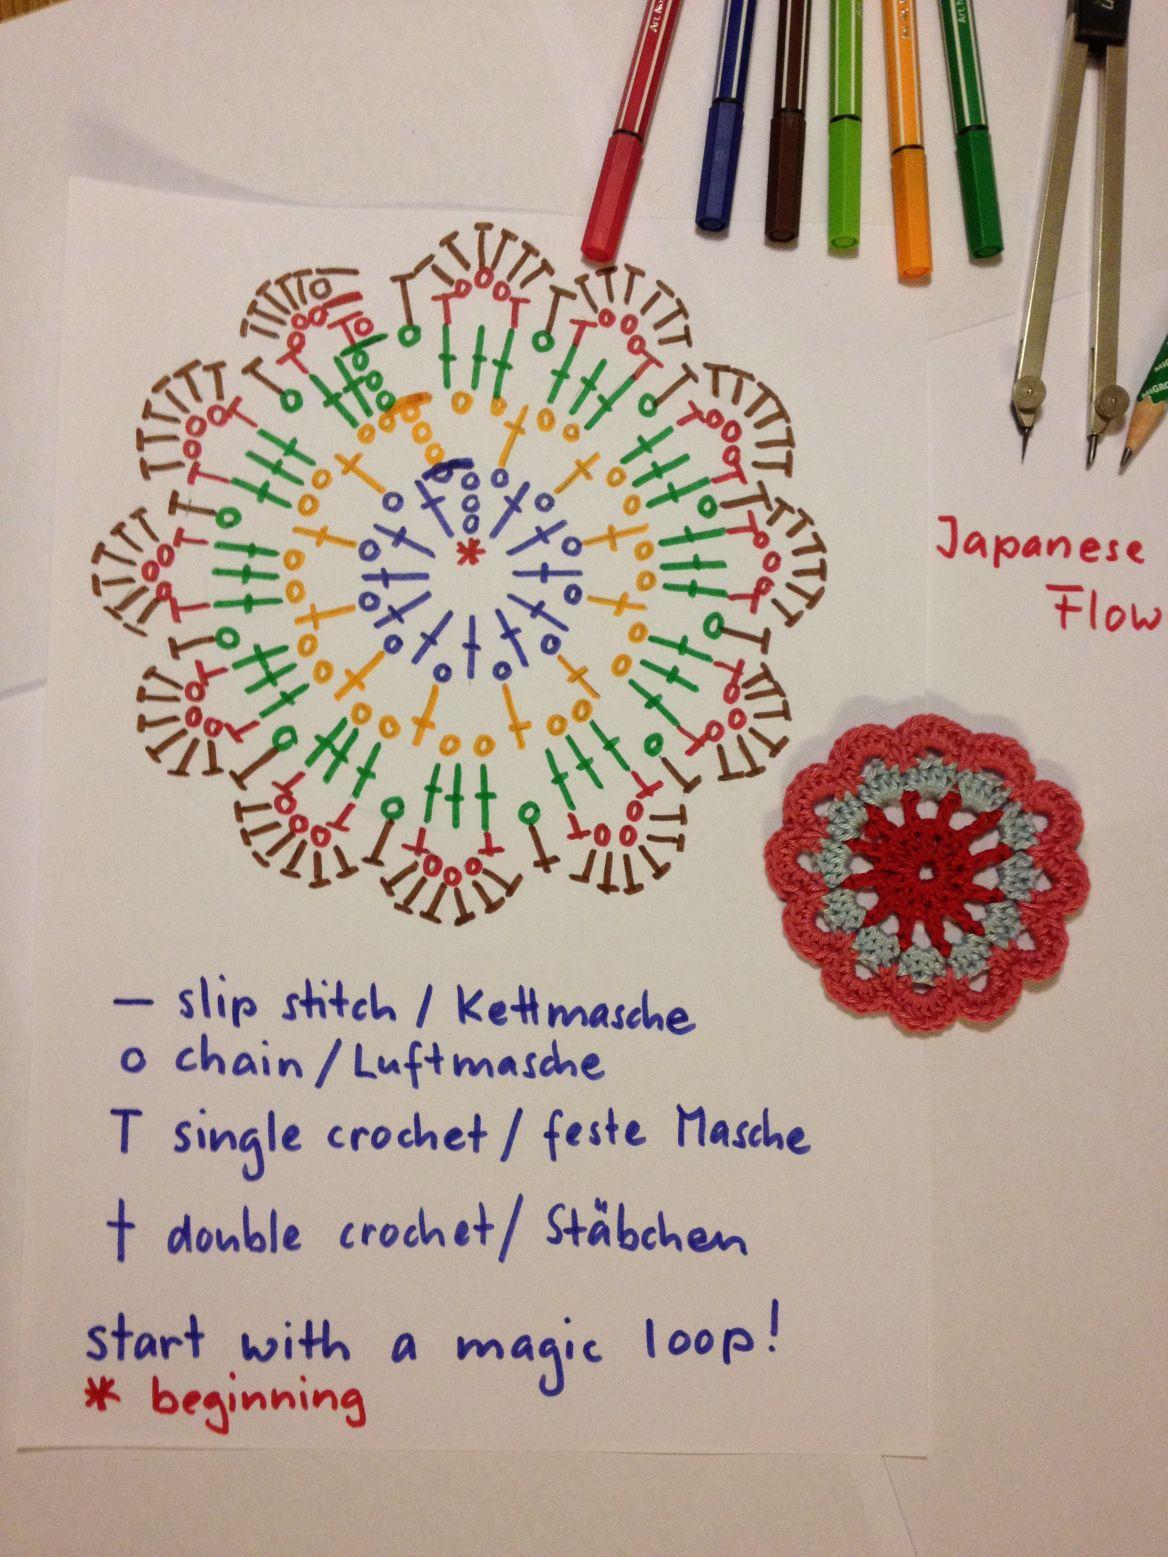 Japanese Flowers | Häkeln, Untersetzer und Häkelmuster